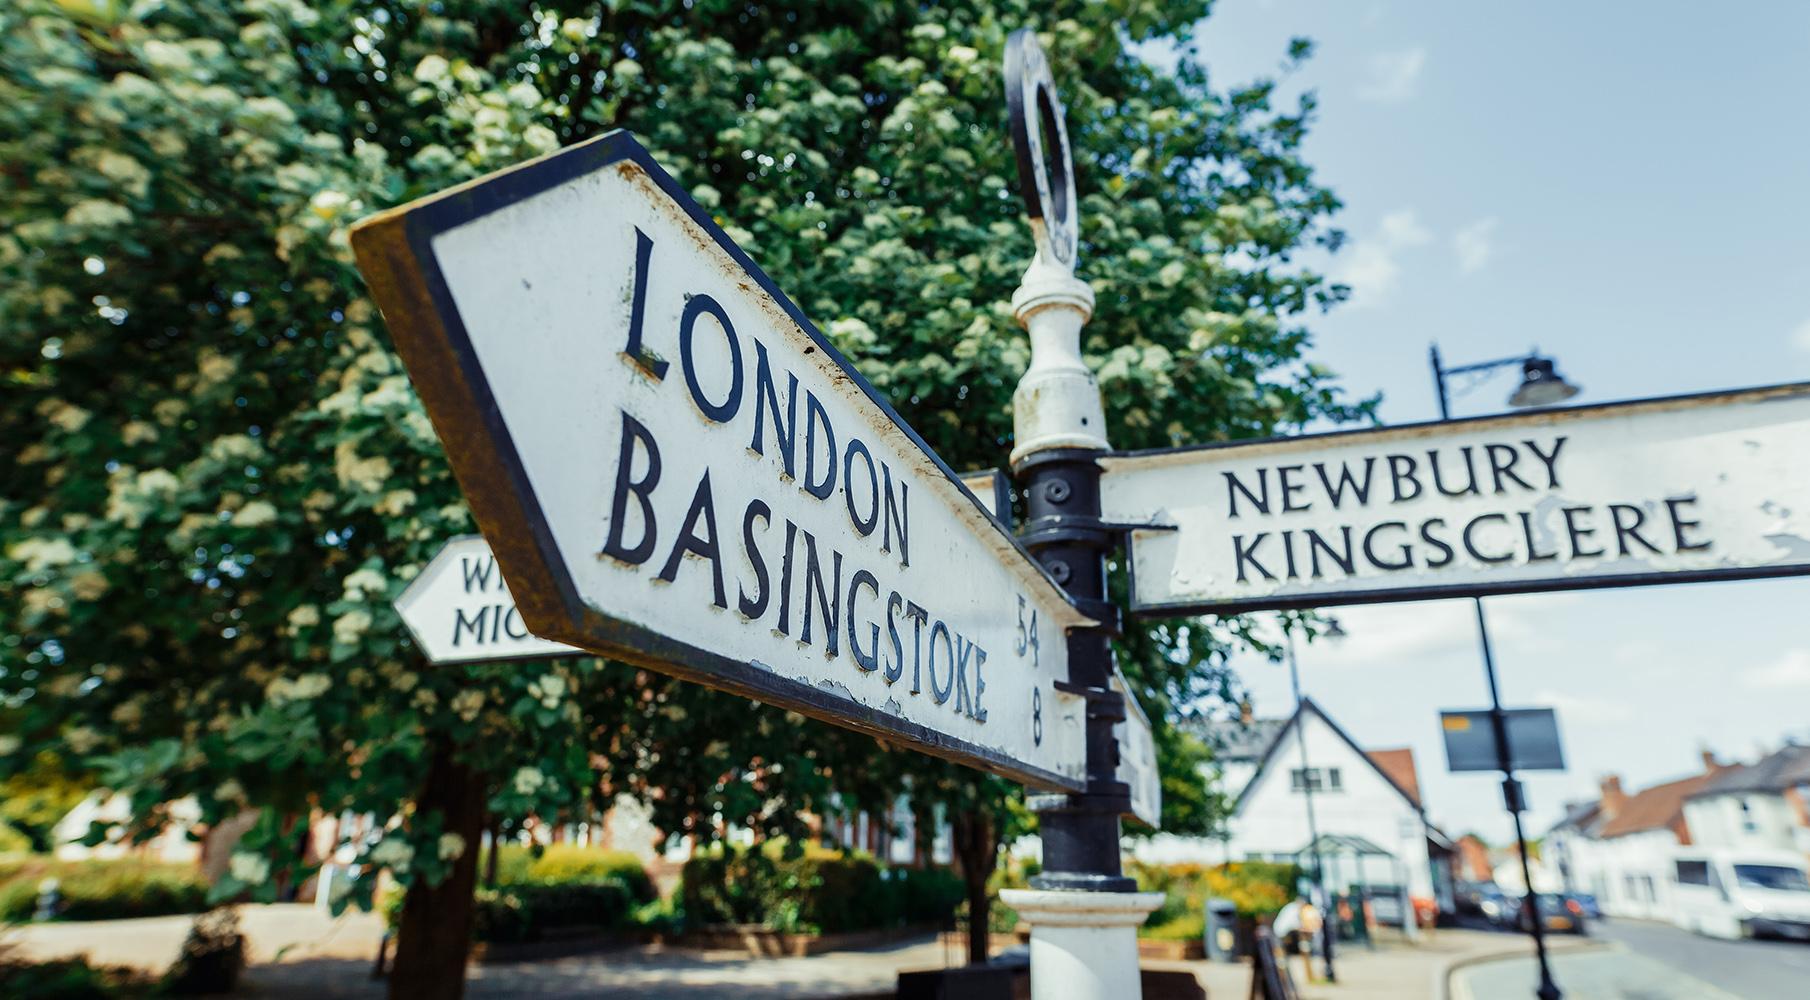 Overton village sign